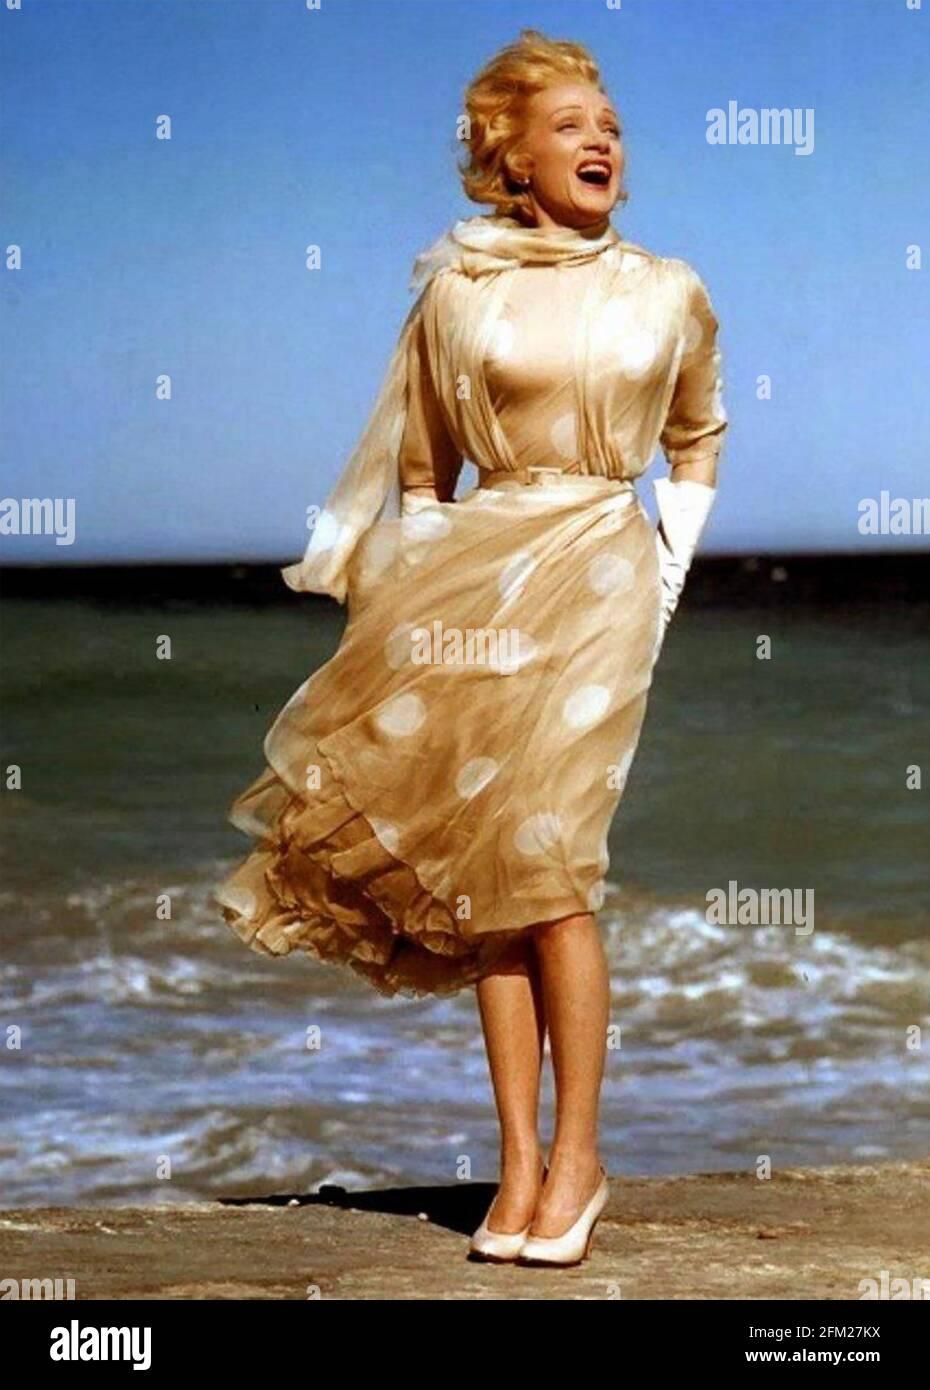 MARLENE DIETRICH (1901-1992) actrice allemande-américaine environ 1965 sur une plage à Cannes. Banque D'Images